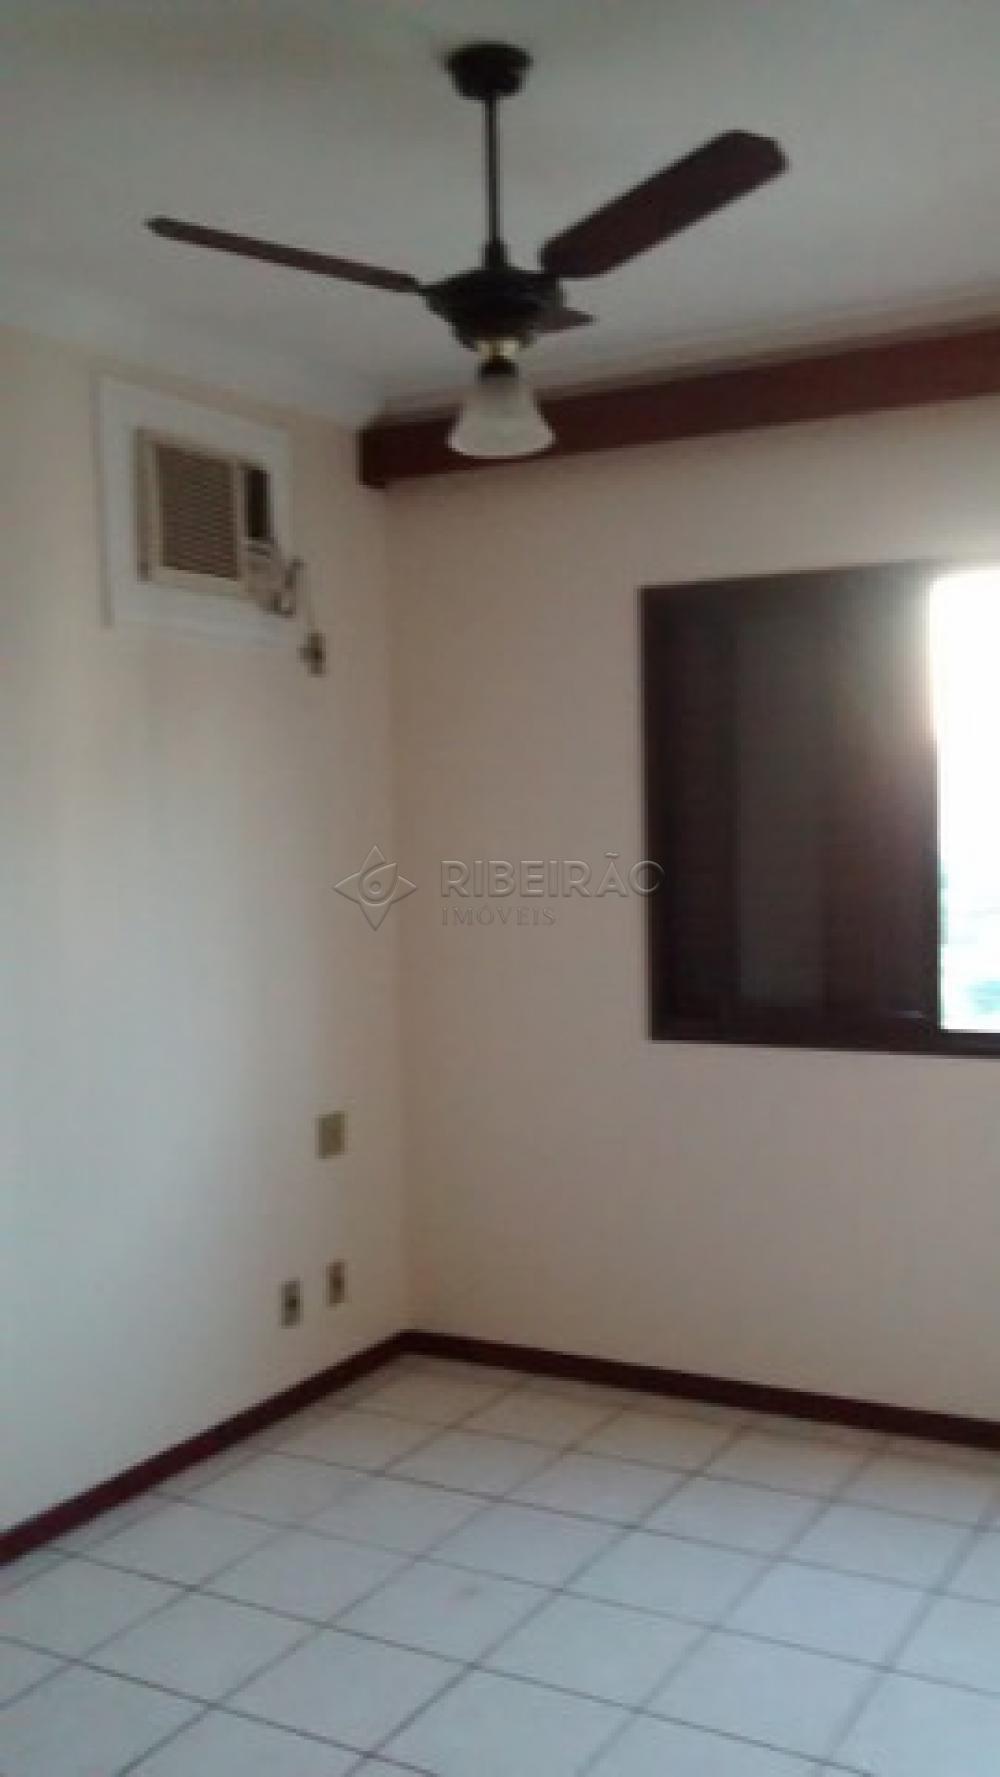 Alugar Apartamento / Padrão em Ribeirão Preto R$ 1.800,00 - Foto 8